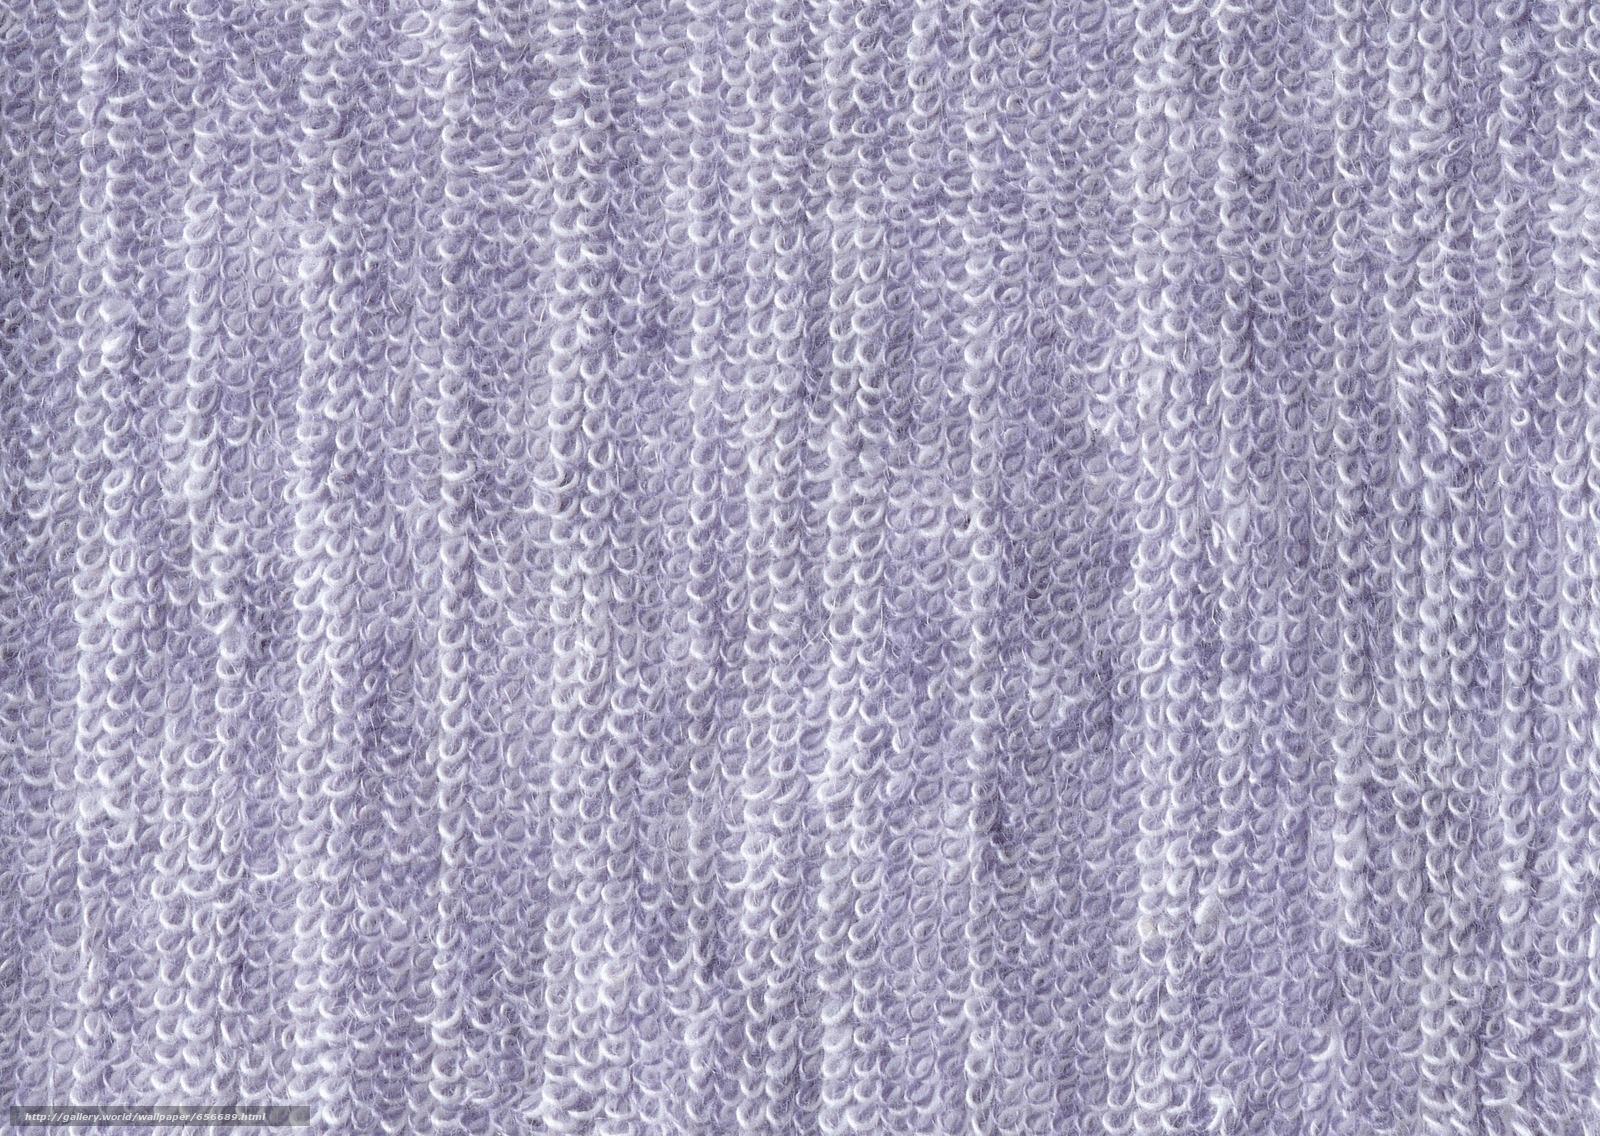 Скачать обои текстура,  текстуры,  фон,  фоны бесплатно для рабочего стола в разрешении 2950x2094 — картинка №656689